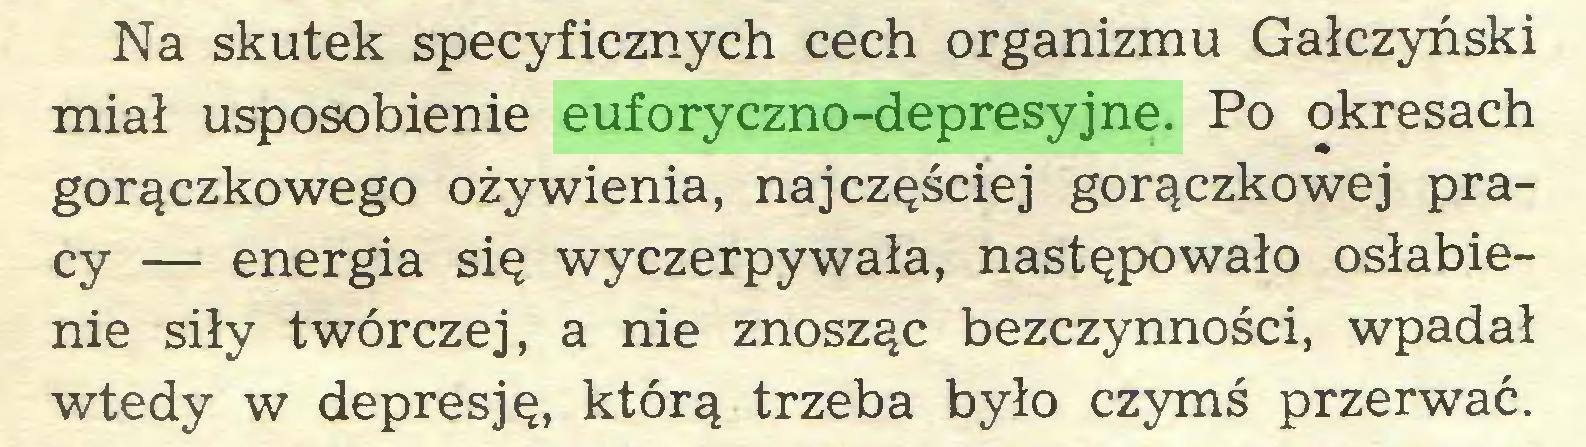 (...) Na skutek specyficznych cech organizmu Gałczyński miał usposobienie euforyczno-depresyjne. Po okresach gorączkowego ożywienia, najczęściej gorączkowej pracy — energia się wyczerpywała, następowało osłabienie siły twórczej, a nie znosząc bezczynności, wpadał wtedy w depresję, którą trzeba było czymś przerwać...